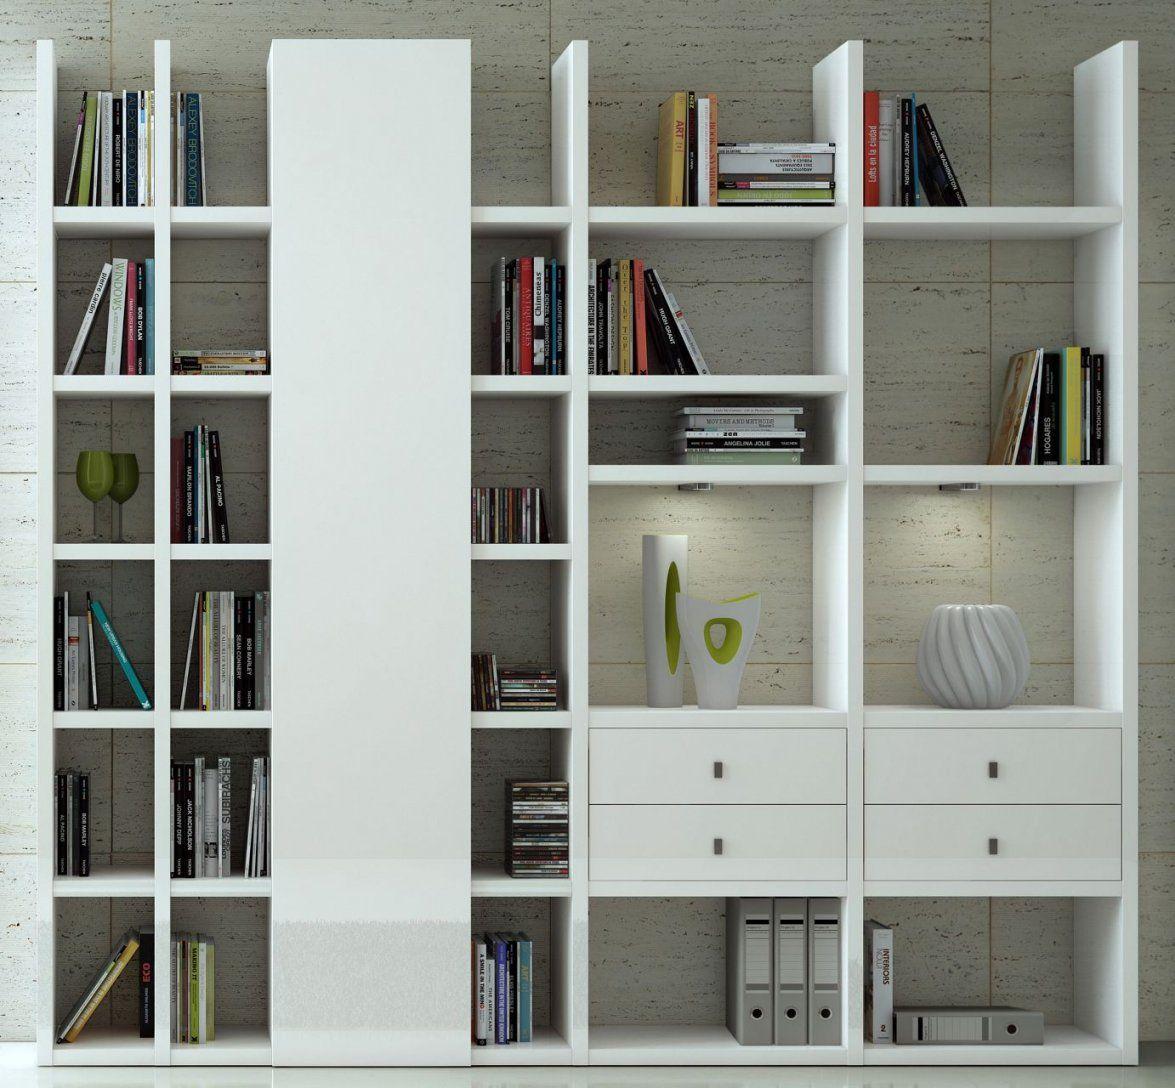 Toro Bücherregal Mit Türen U Schubladen Hochglanz Weiß Nach Maß von Regal Mit Türen Weiß Hochglanz Bild